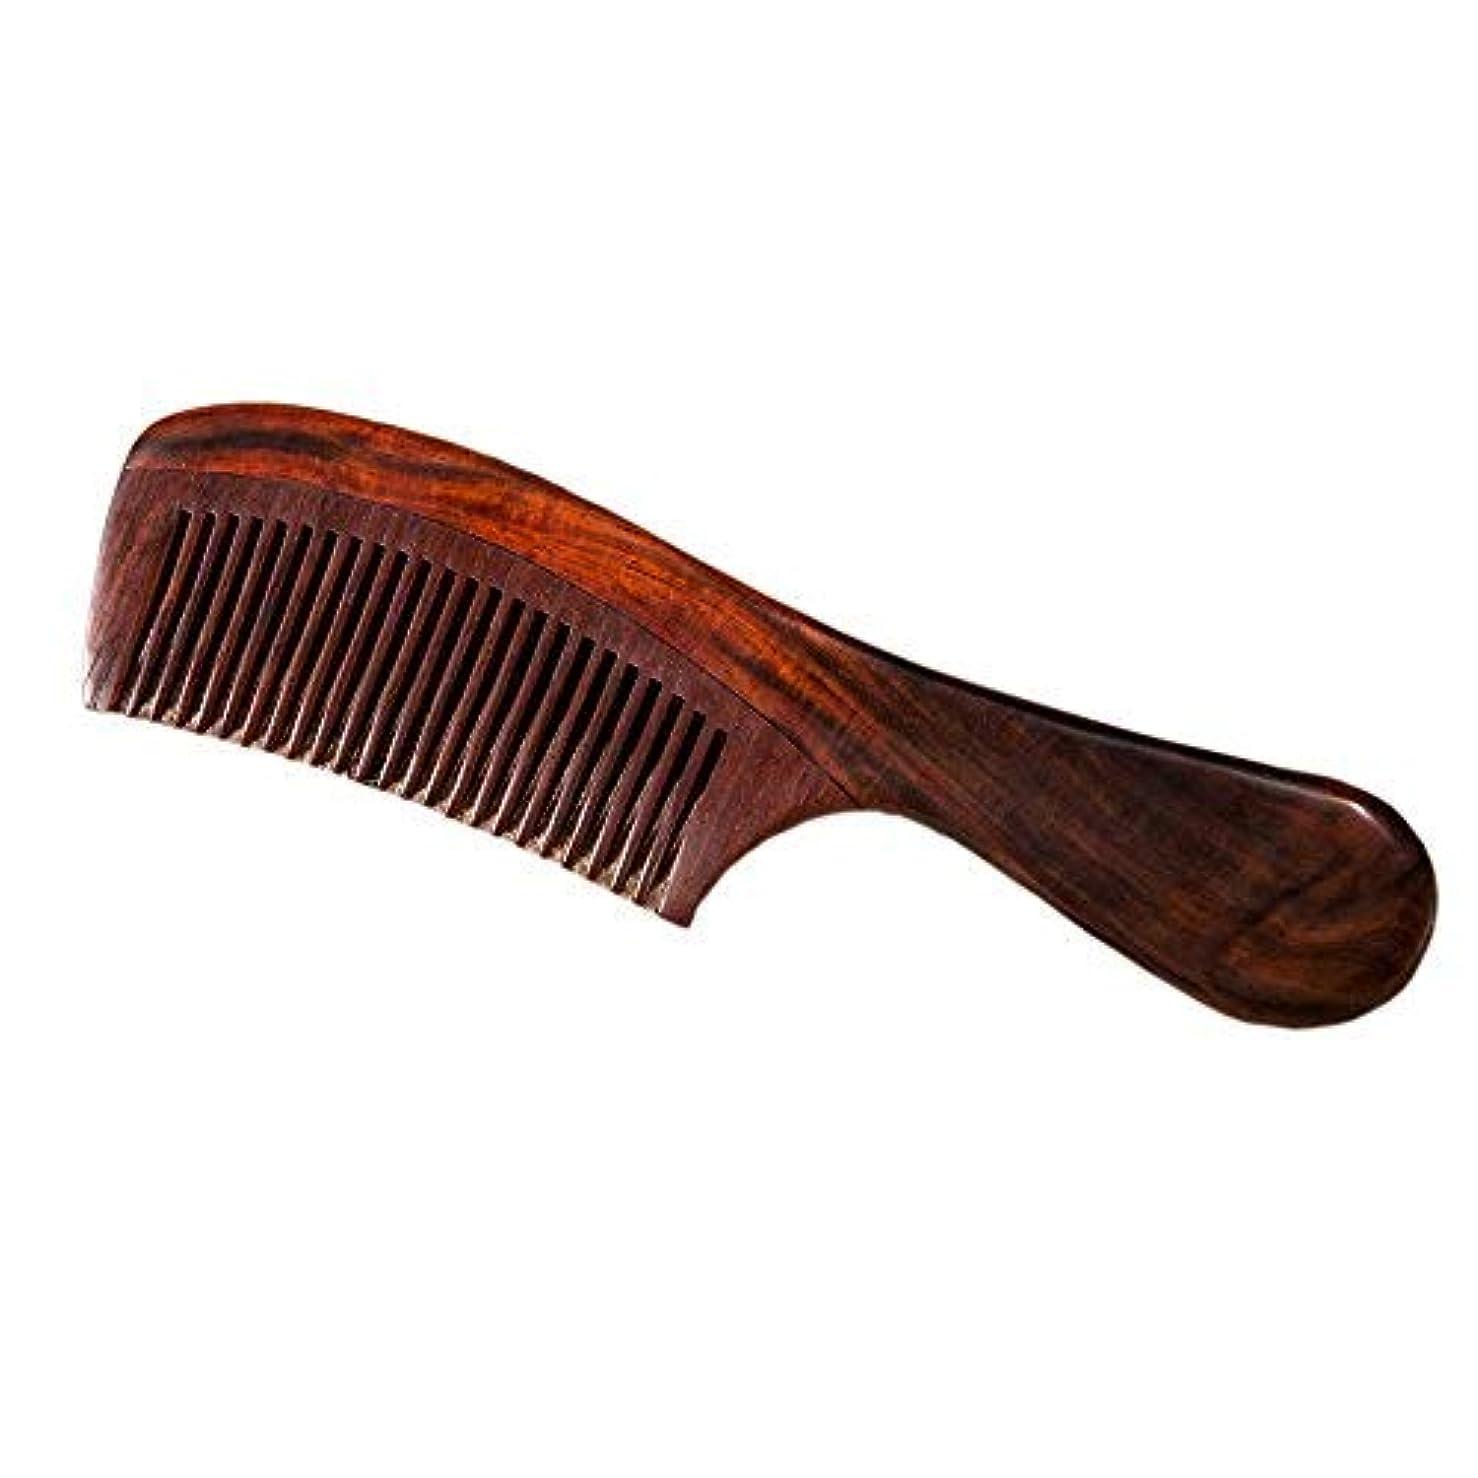 足音統合クレデンシャルNatural Redwood Hair Comb, No Static Handmade Medium Tooth Hair Comb, Smooth and Comfortable Message Wood Comb...